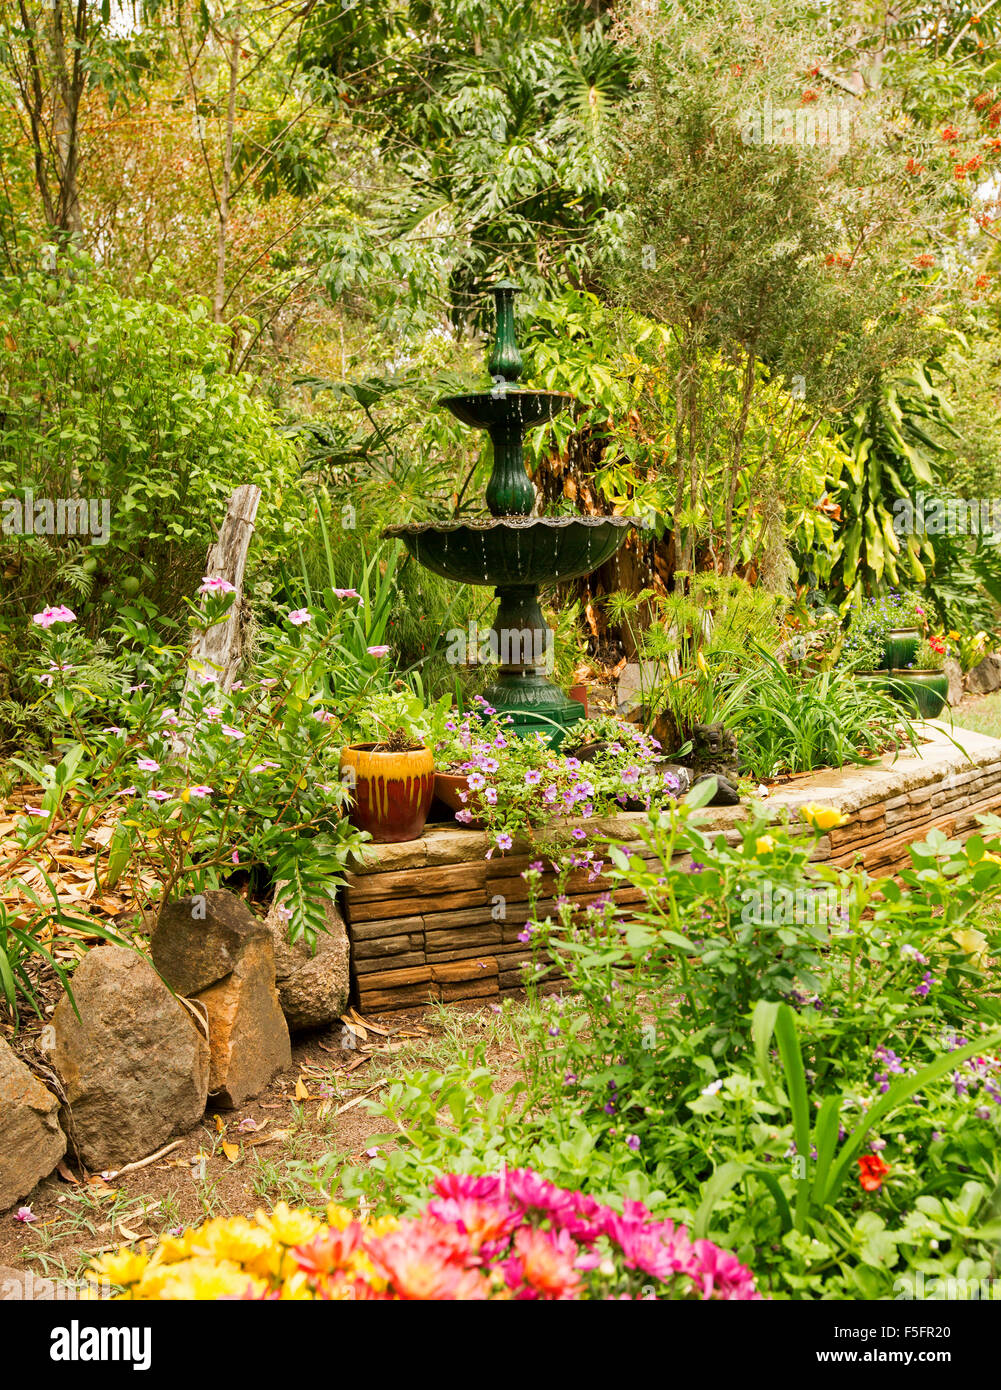 Tropical Gardens Water Fountain Garden Stock Photos & Tropical ...